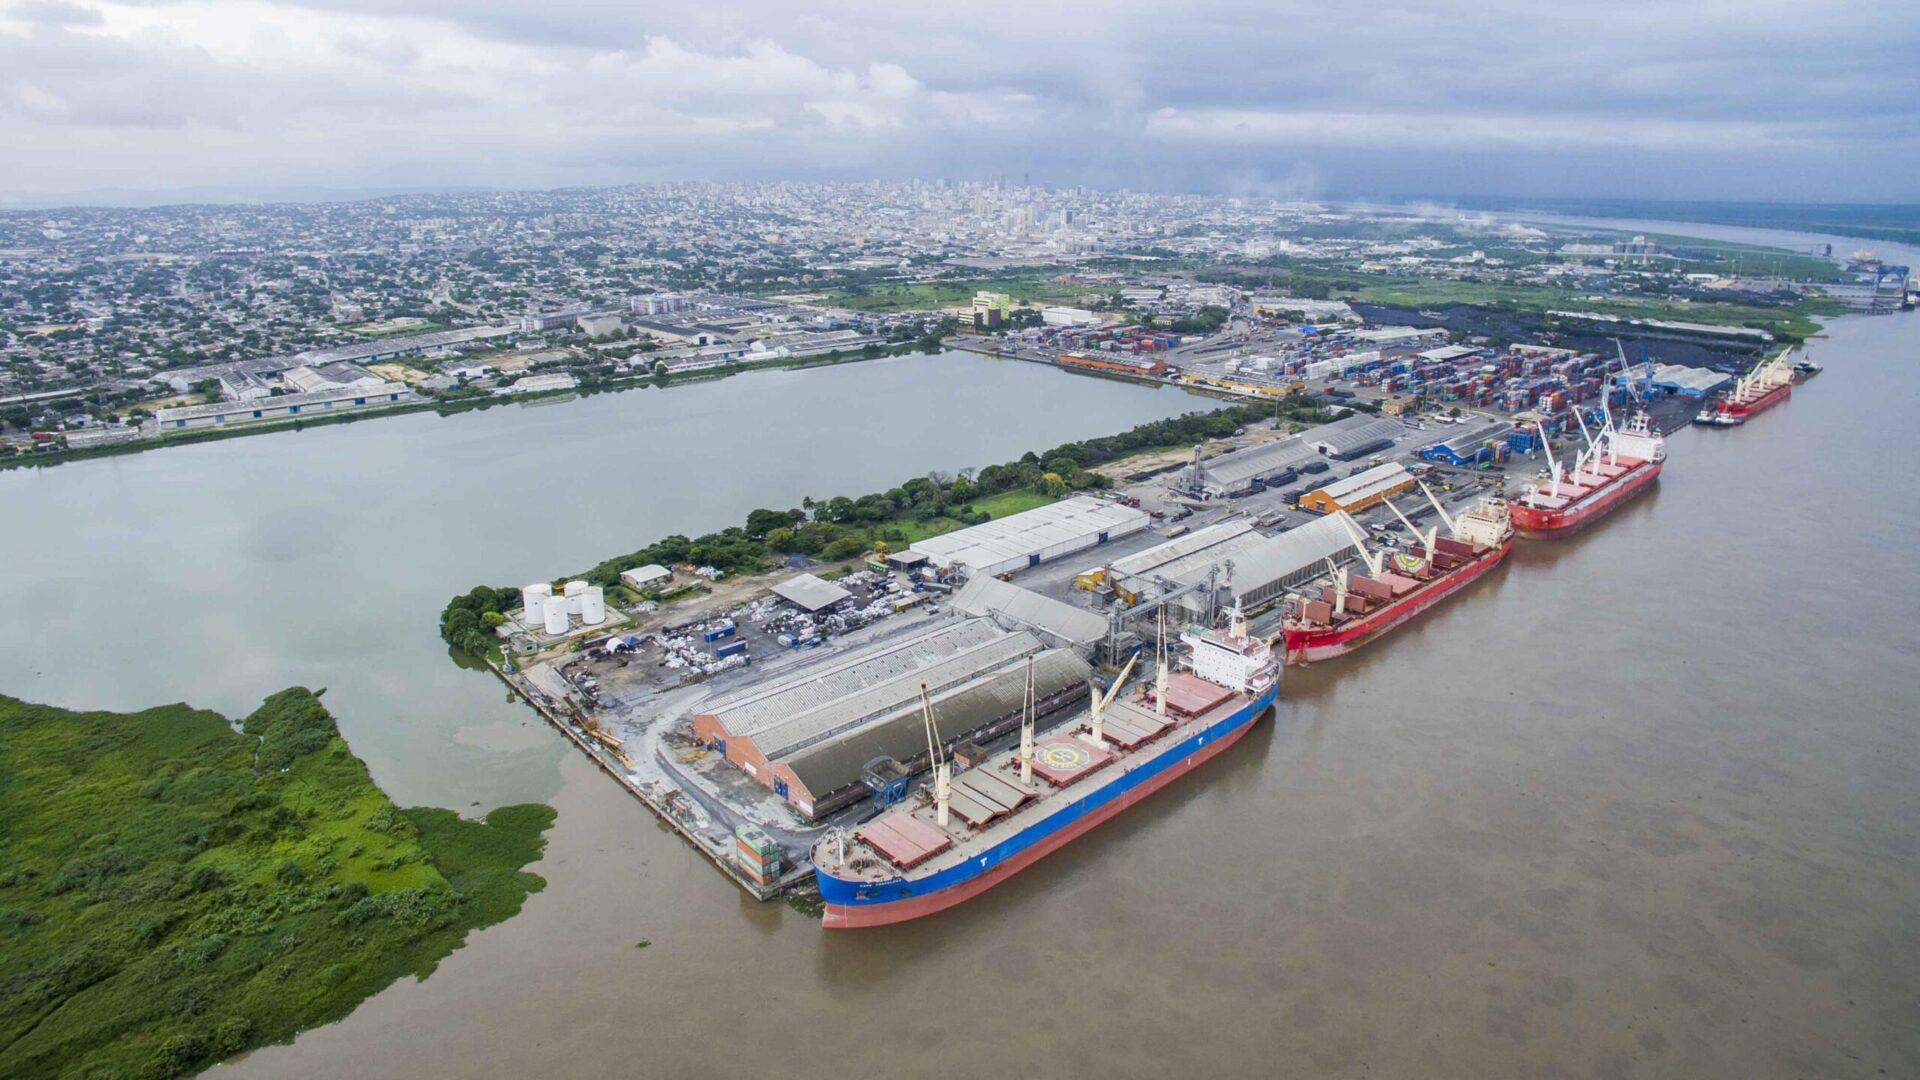 Acciones para recuperar la confiabilidad en el puerto de Barranquilla